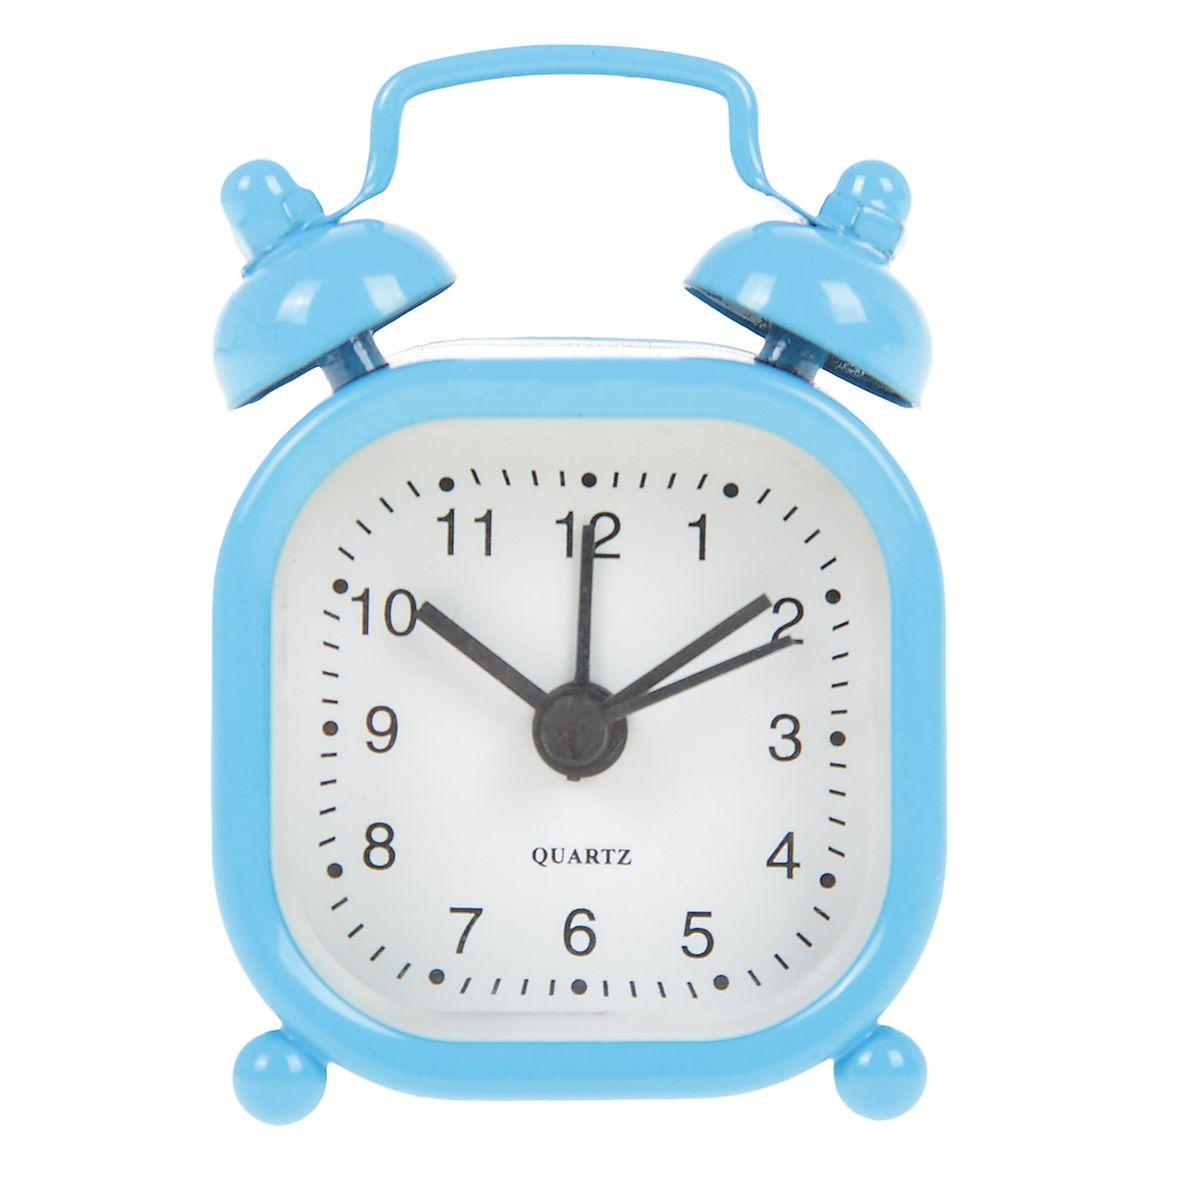 Часы-будильник Sima-land, цвет: голубой. 840951840951Как же сложно иногда вставать вовремя! Всегда так хочется поспать еще хотя бы 5 минут ибывает,что мы просыпаем. Теперь этого не случится! Яркий, оригинальный будильник Sima-landпоможет вам всегдавставать в нужное время и успевать везде и всюду. Будильник украсит вашу комнату иприведет в восхищение друзей. Эта уменьшенная версия привычного будильника умещаетсяналадони и работает так же громко, как и привычные аналоги. Время показывает точно и будит вустановленный час. На задней панели будильника расположены переключатель включения/выключения механизма,атакже два колесика для настройки текущего времени и времени звонка будильника. Будильник работает от 1 батарейки типа LR44 (входит в комплект).